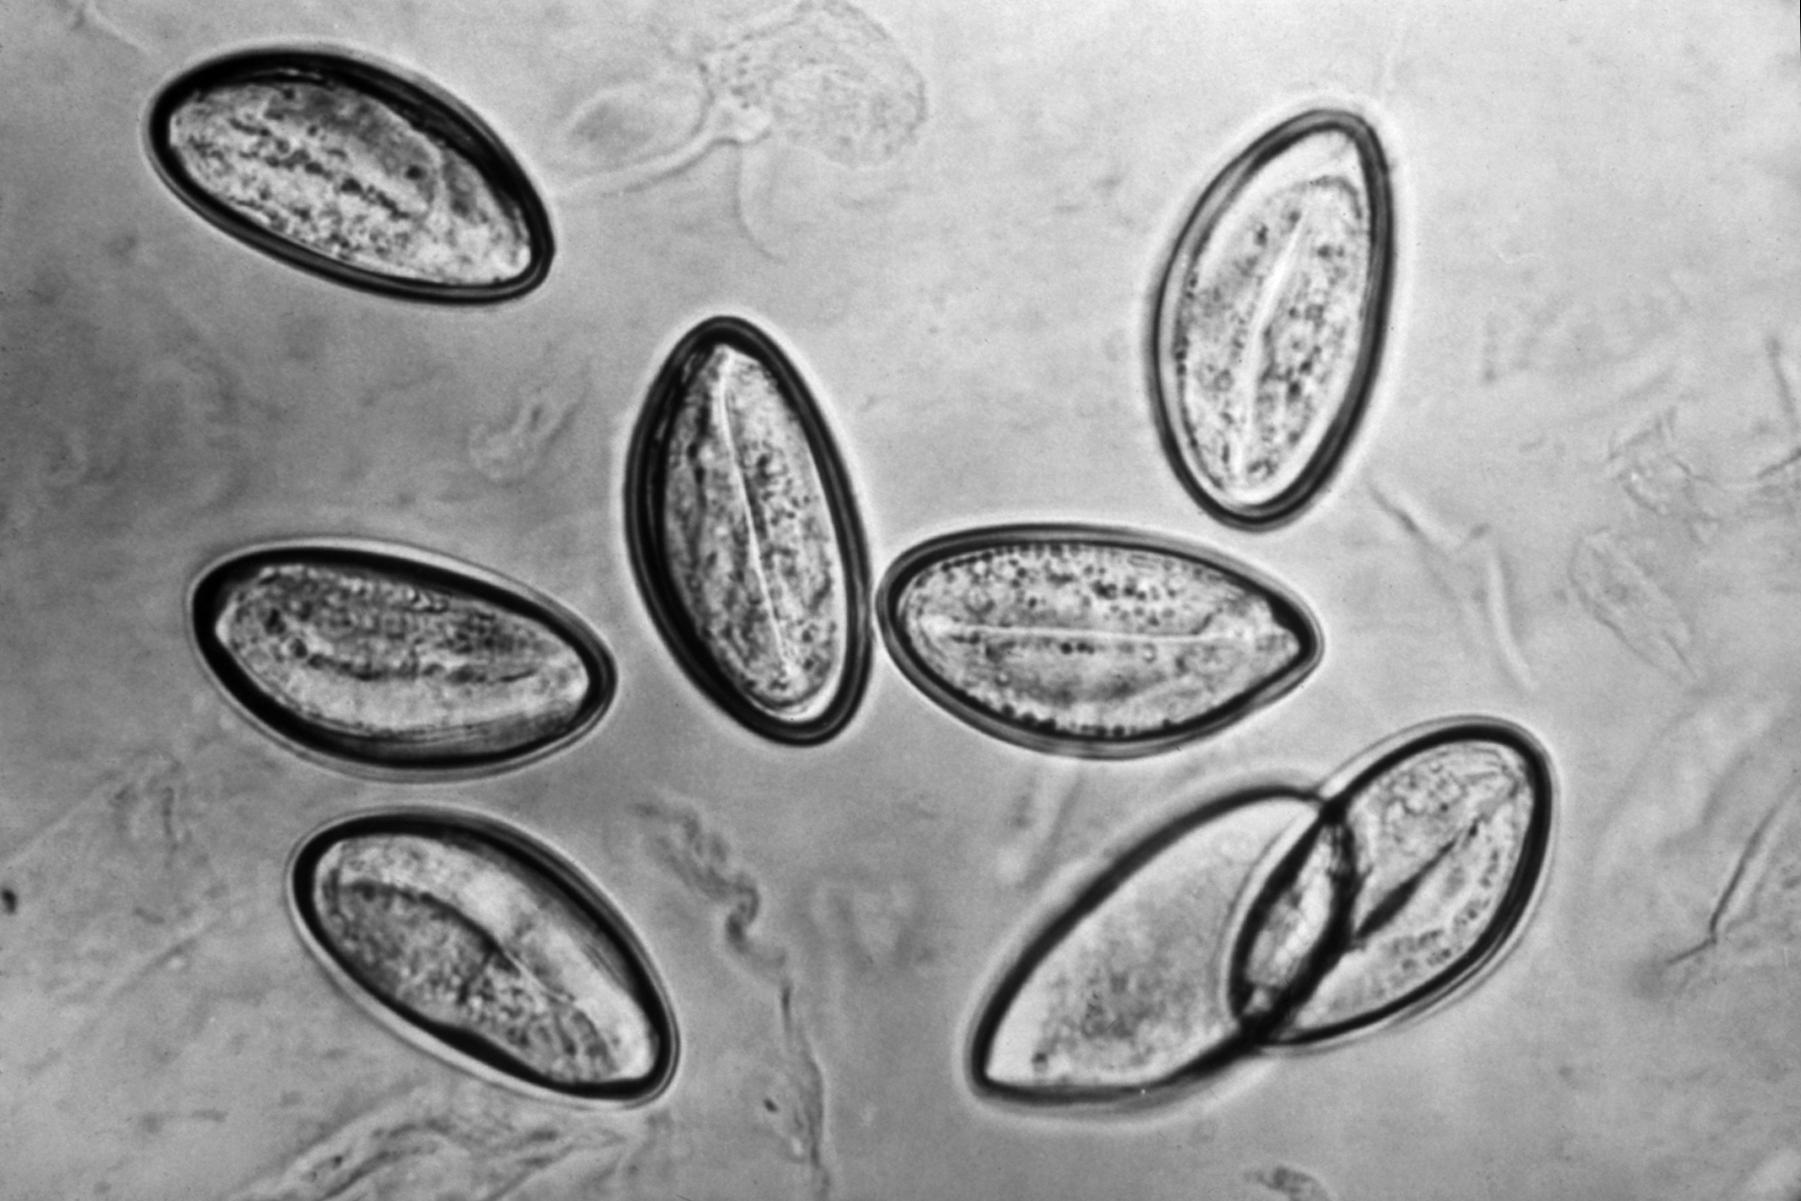 enterobius vermicularis = oxyuris vermicularis